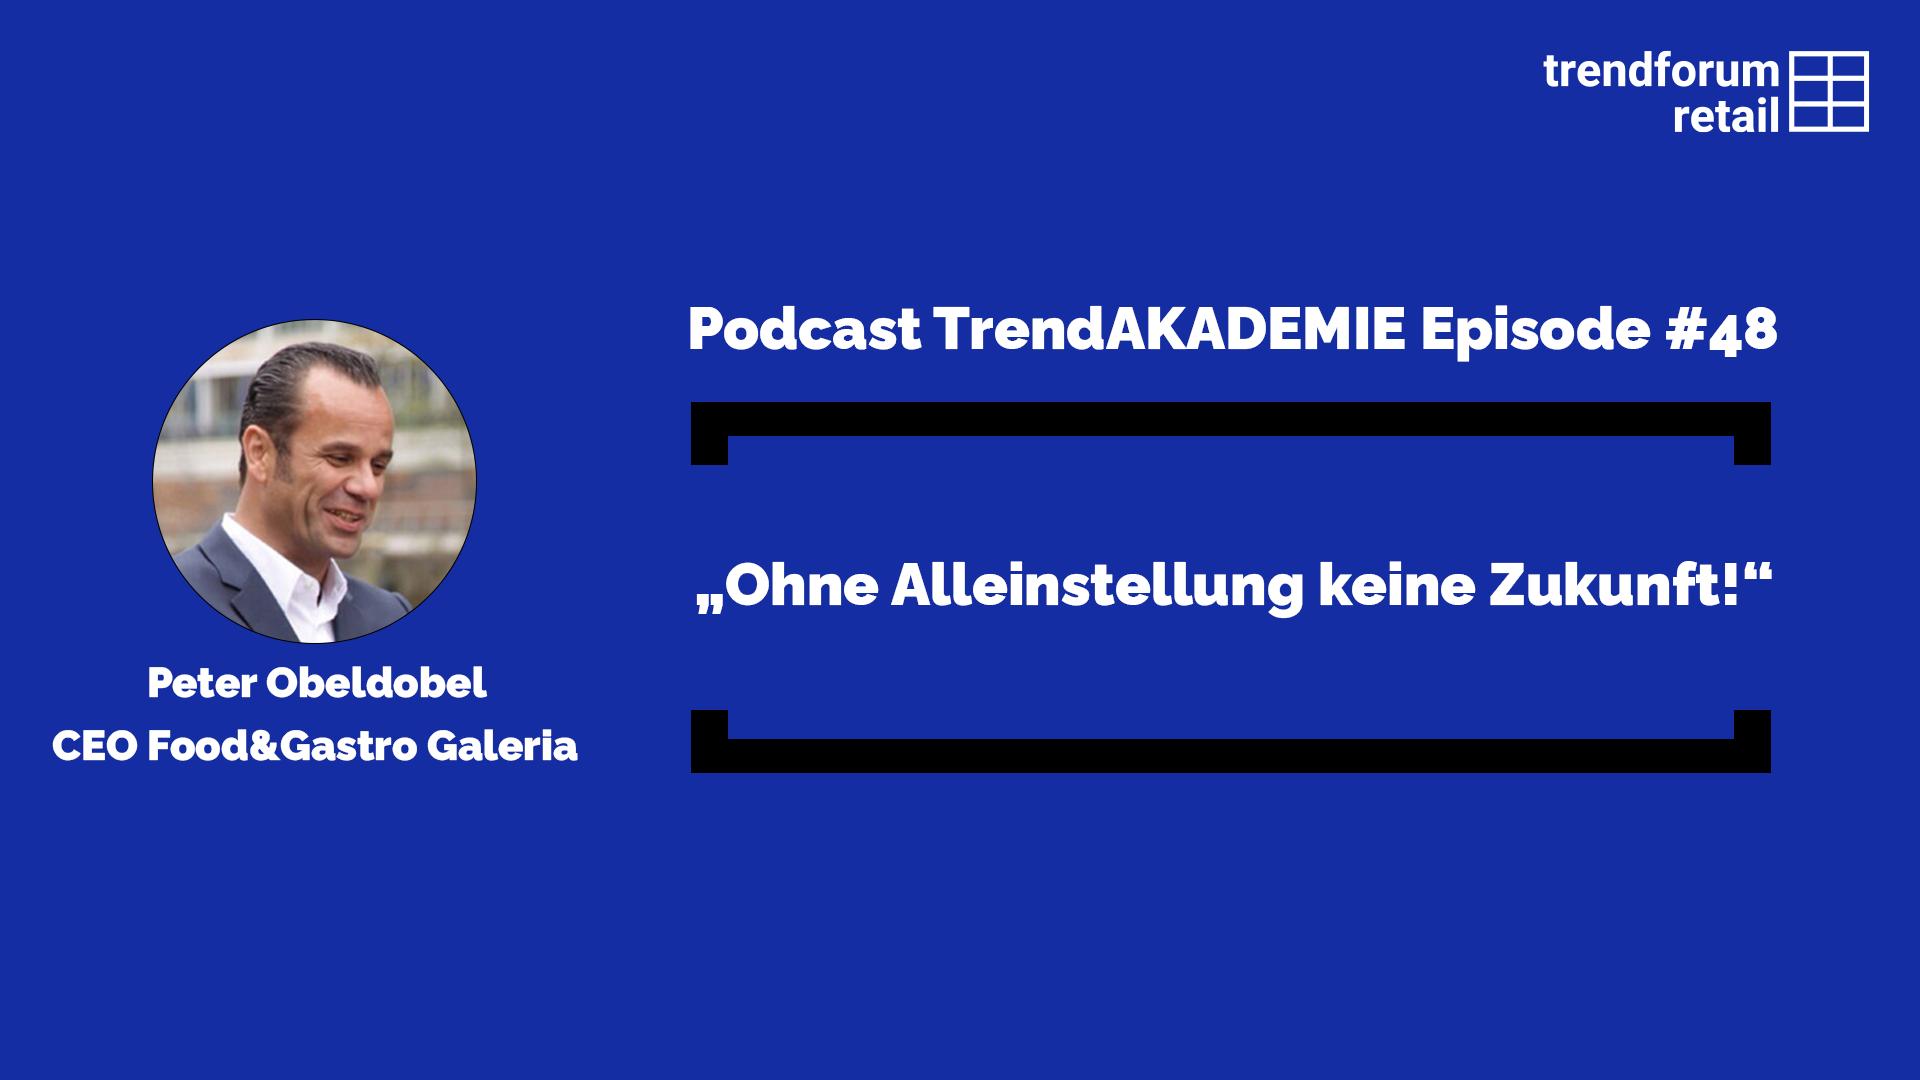 """Podcast TrendAKADEMIE - Episode 48: """"Ohne Alleinstellung keine Zunkunft!"""